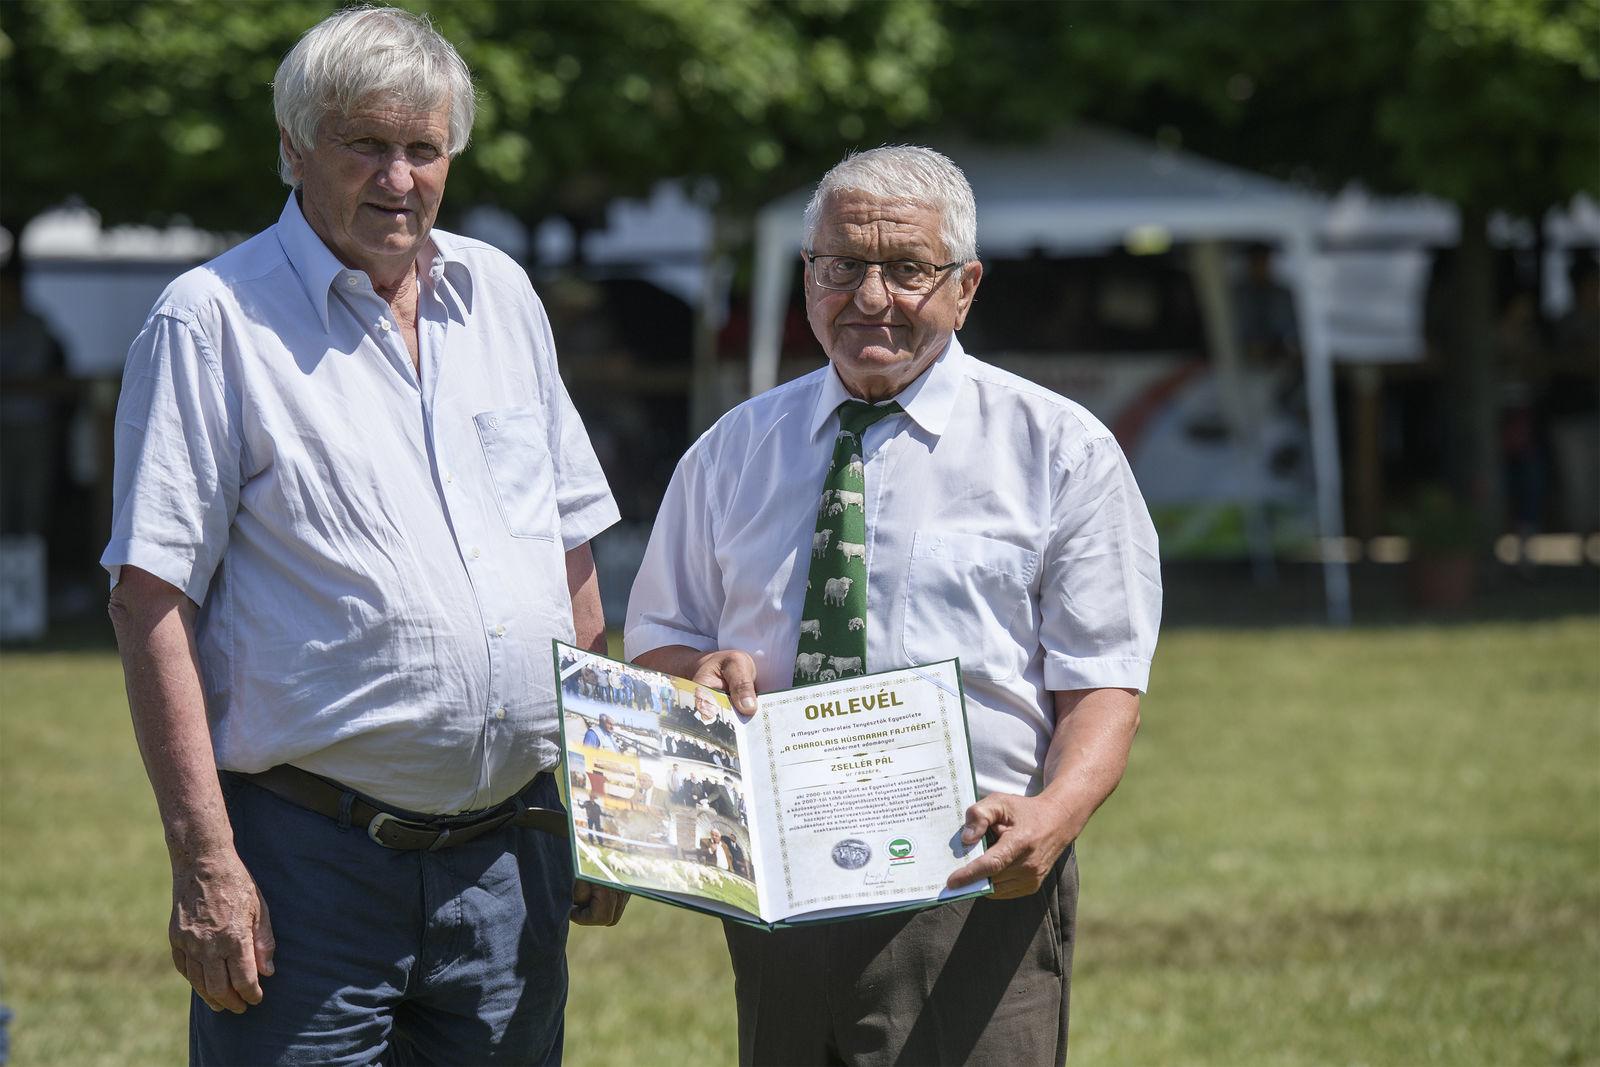 A díjat Bujdosó Márton, az MCTE elnöke adta át Zsellér Pálnak (jobbra)